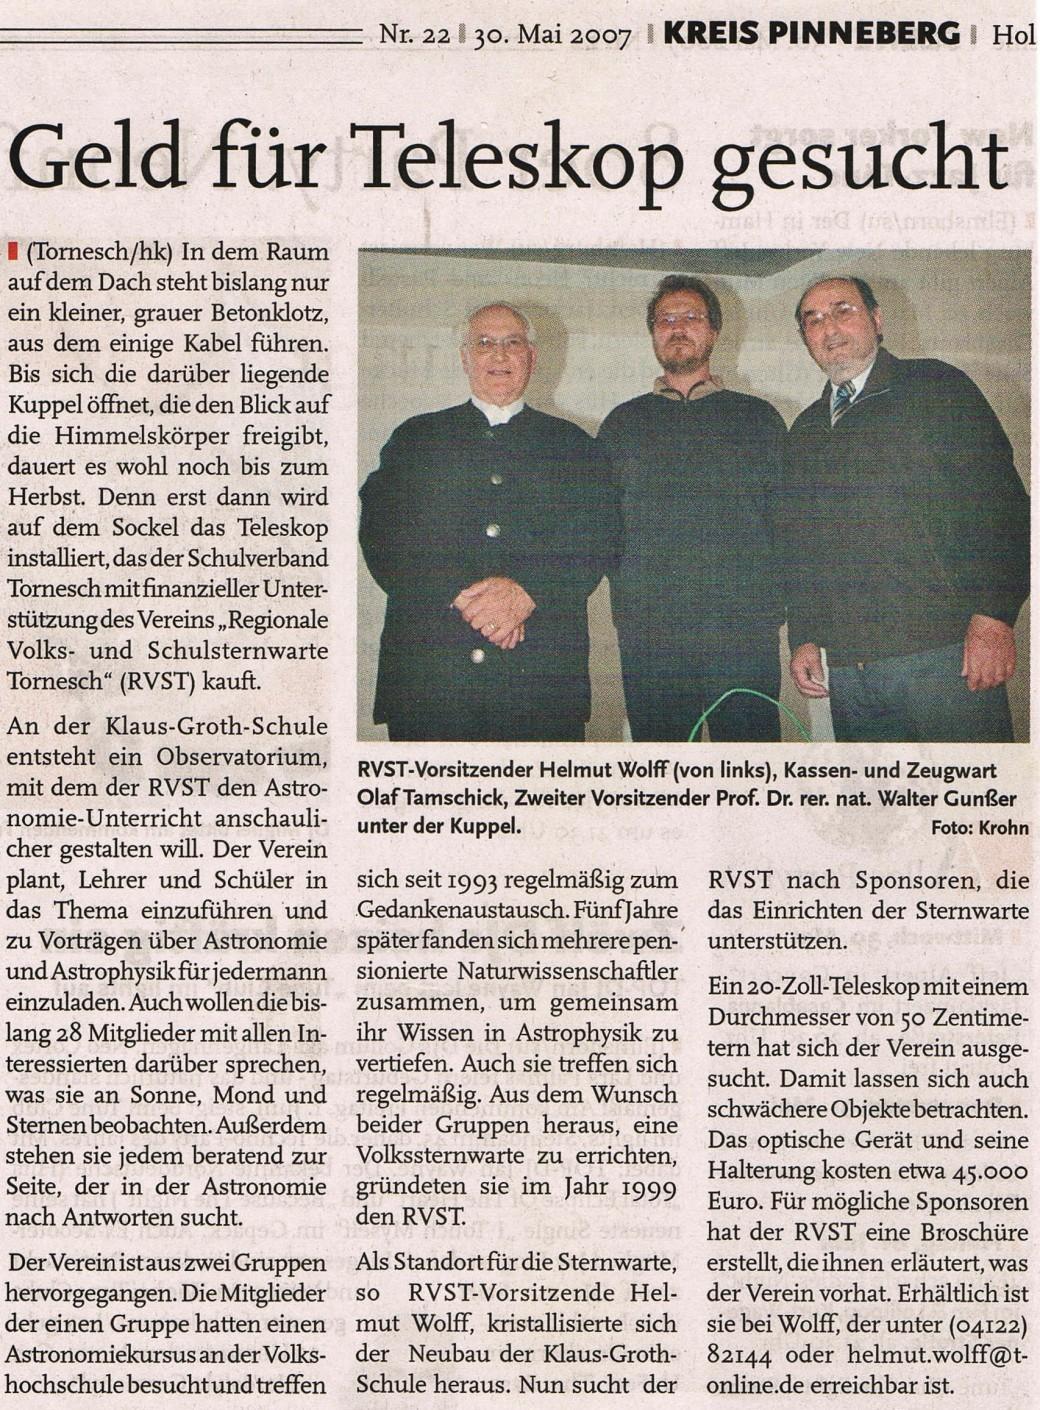 Bericht in den Holsteiner Nachrichten am 30.05.2007 - Kopie